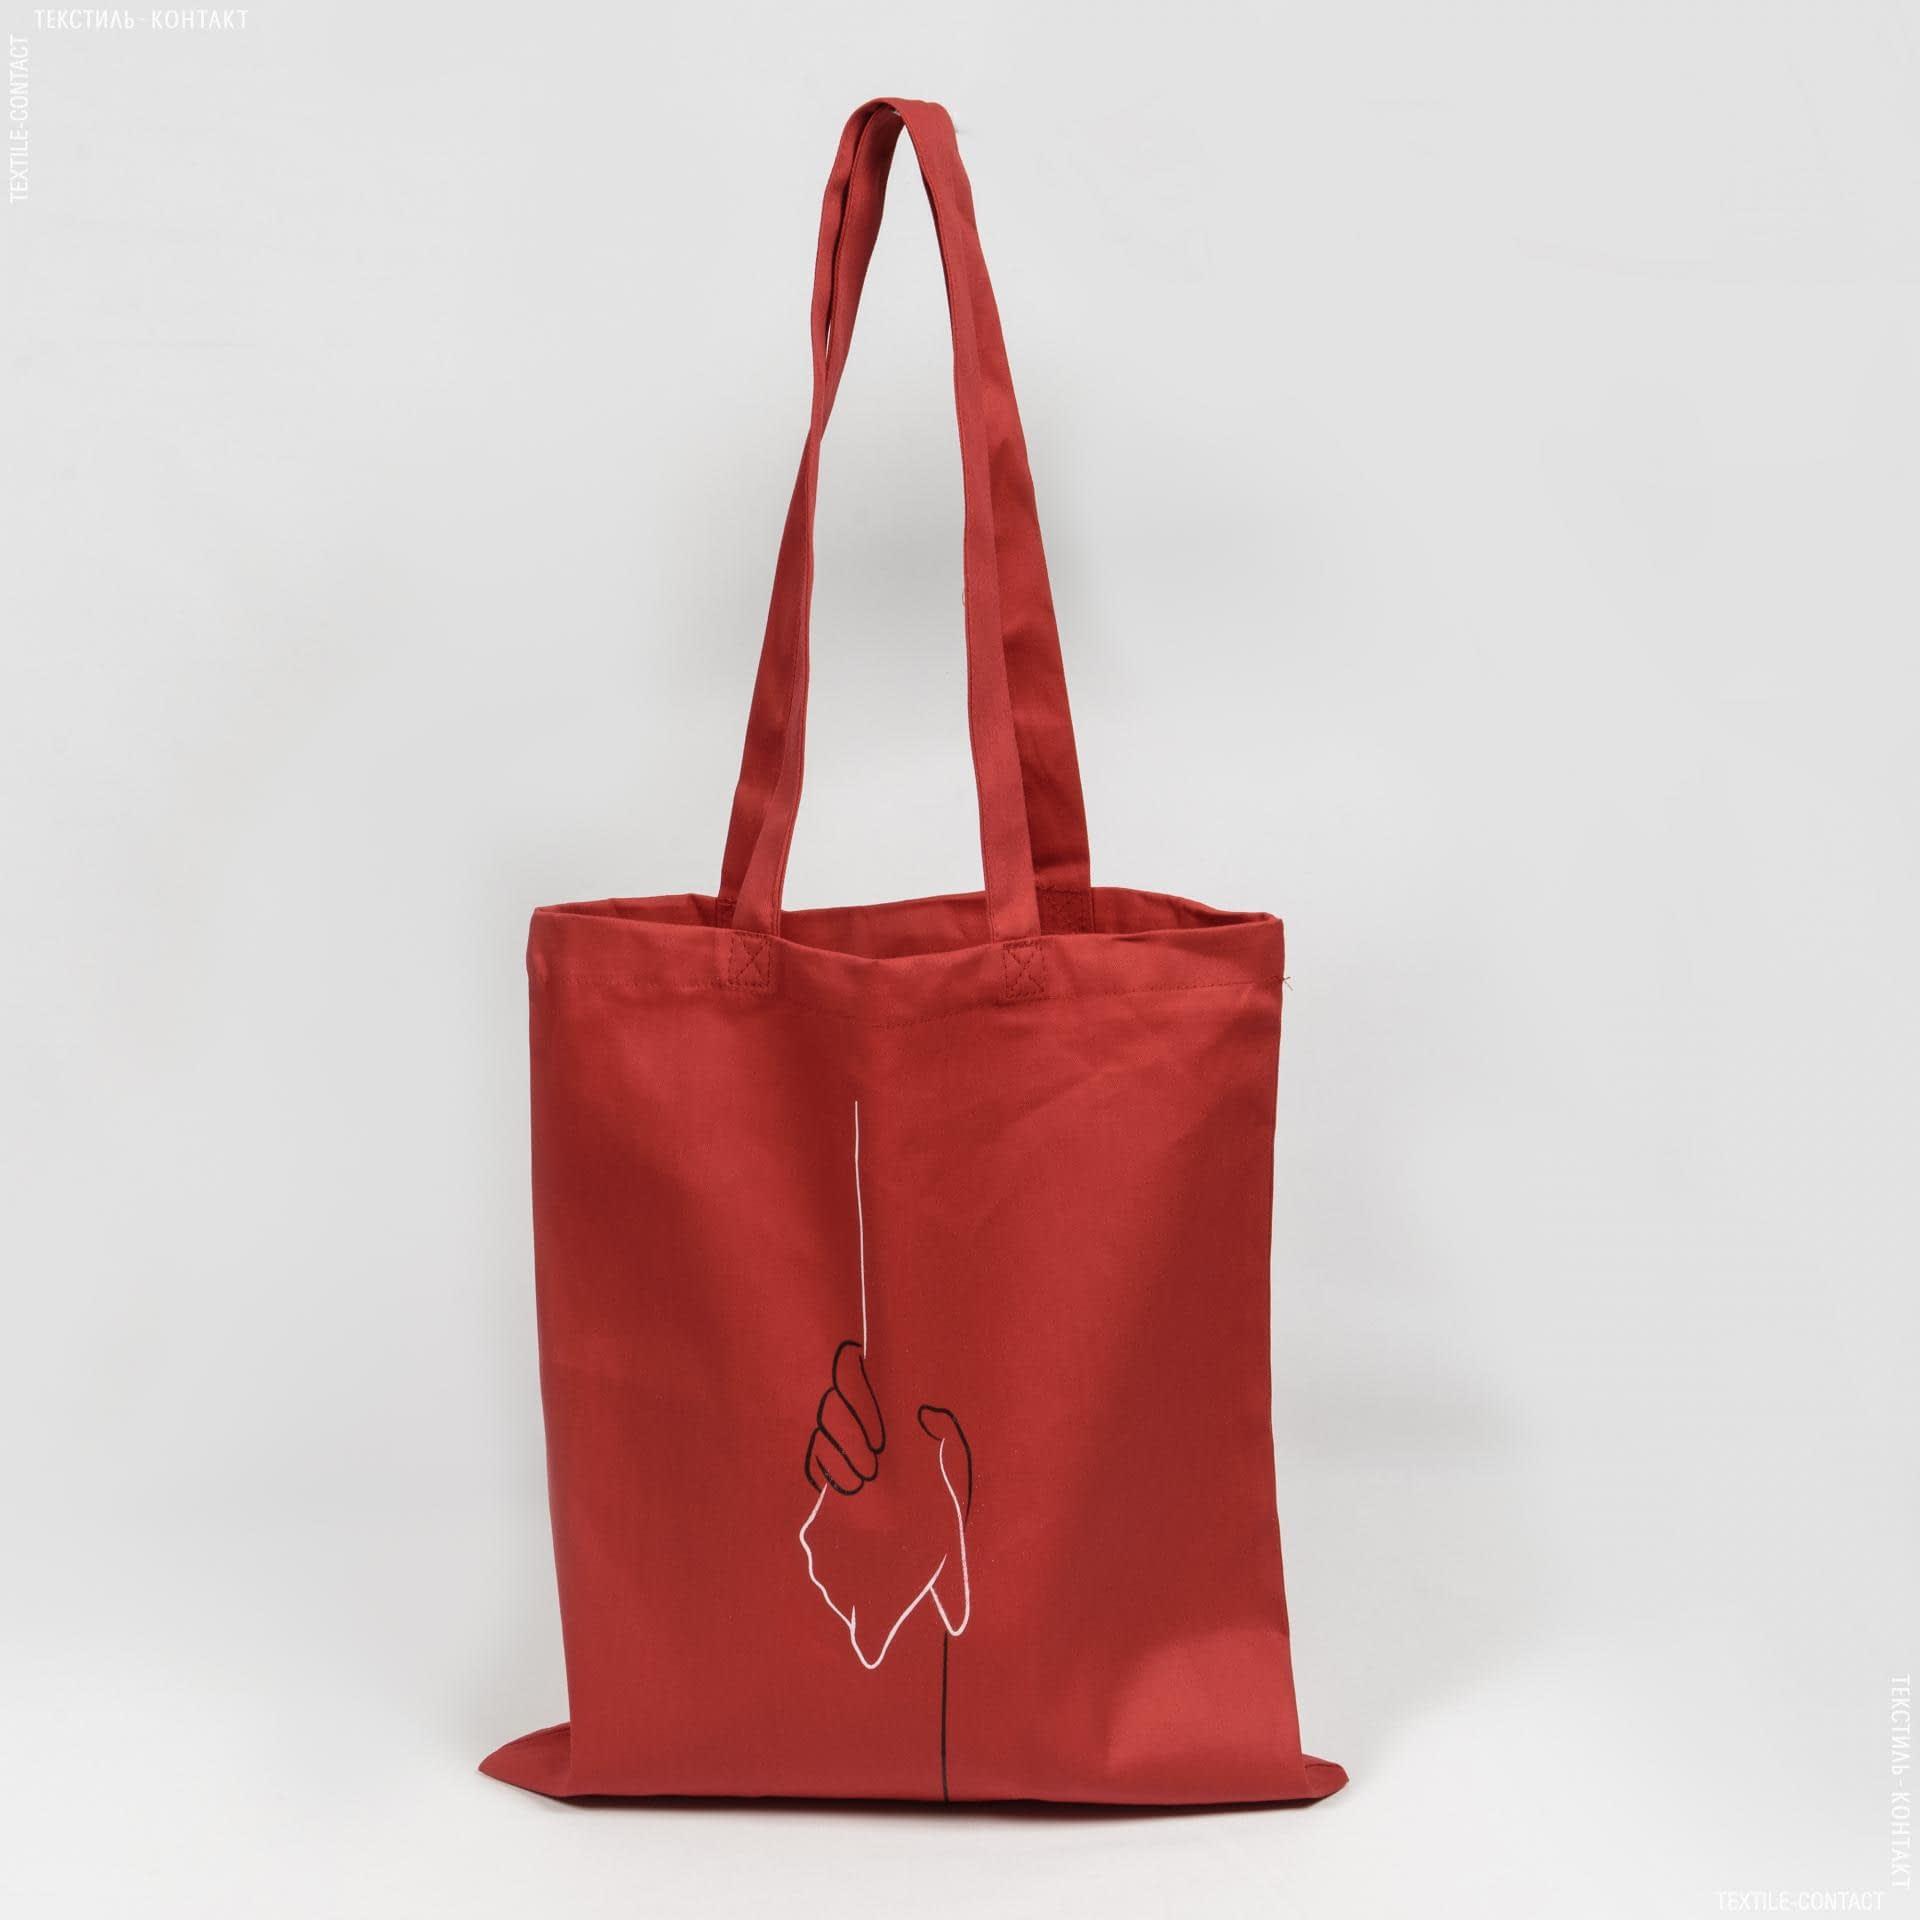 Ткани экосумка - Экосумка  саржа красная  «Любов для кожного»  (ручка 70 см)